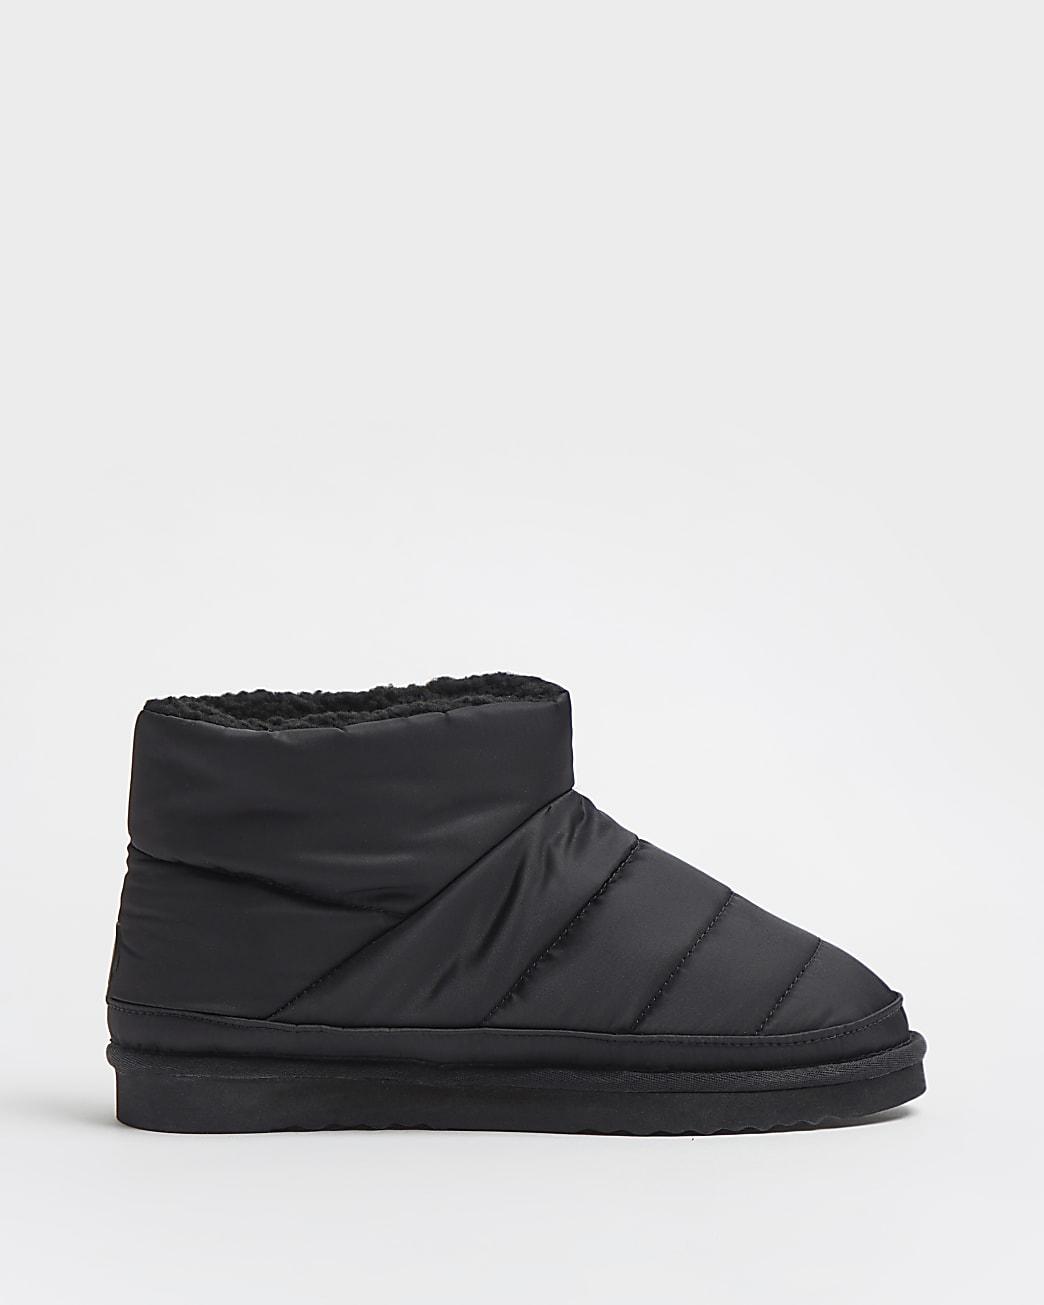 Black RI branded puffer boot slippers